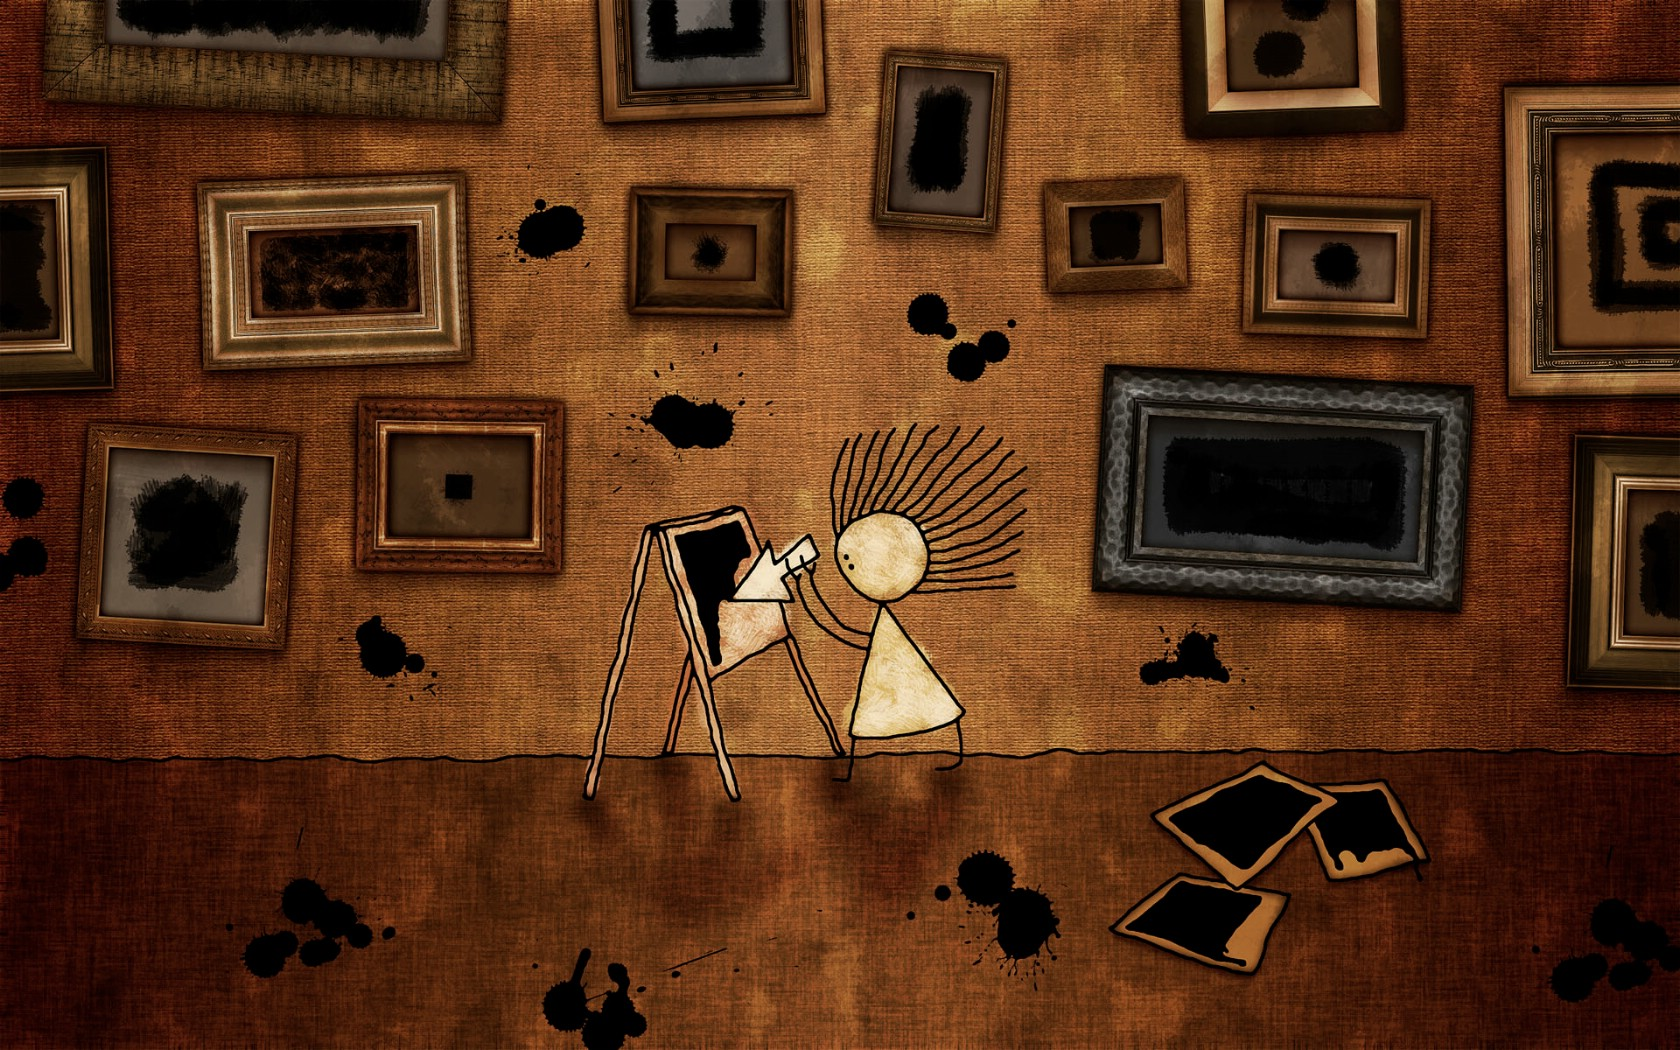 壁纸1680×1050vladstudi 可爱卡通宽屏高清壁纸 三 壁纸35